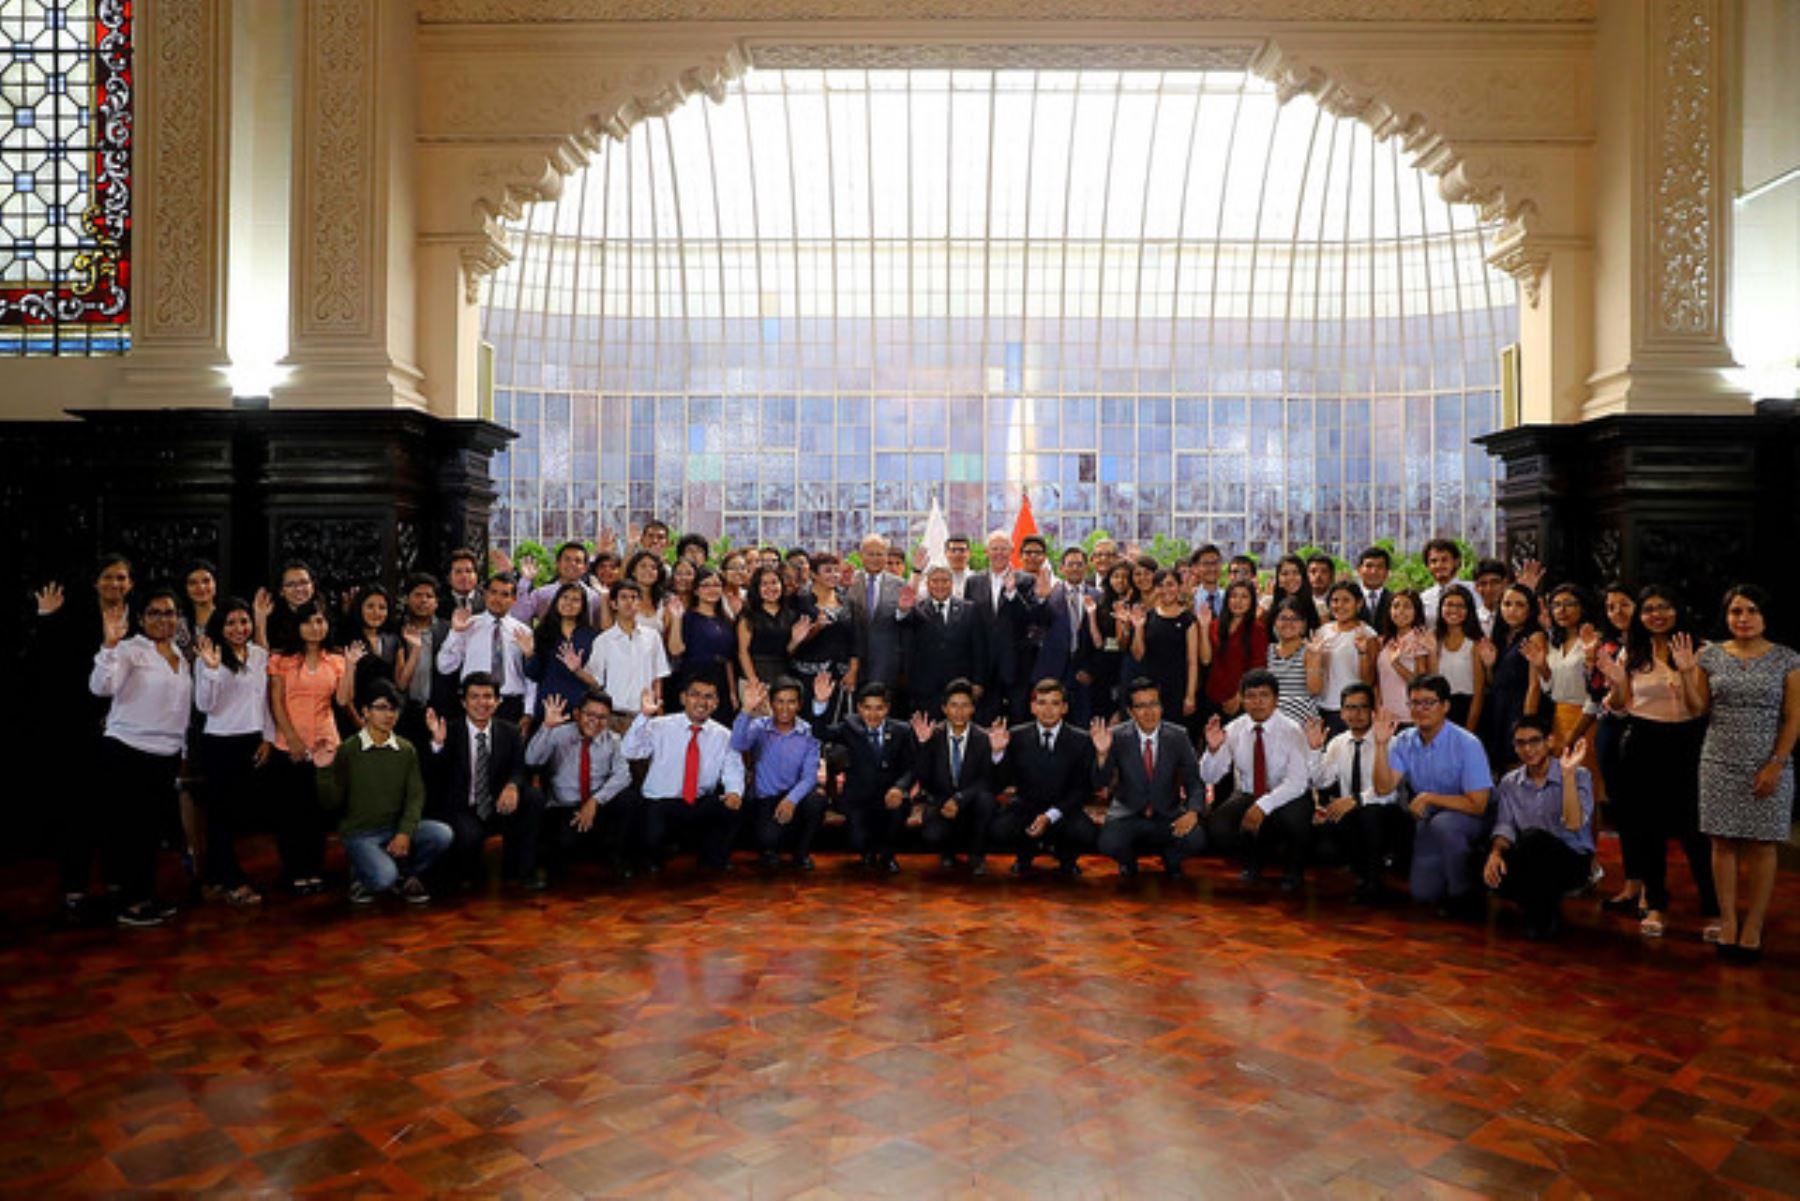 Sanmarquinos que irán a Universidad de Harvard reciben el saludo del presidente de la República. Foto: ANDINA